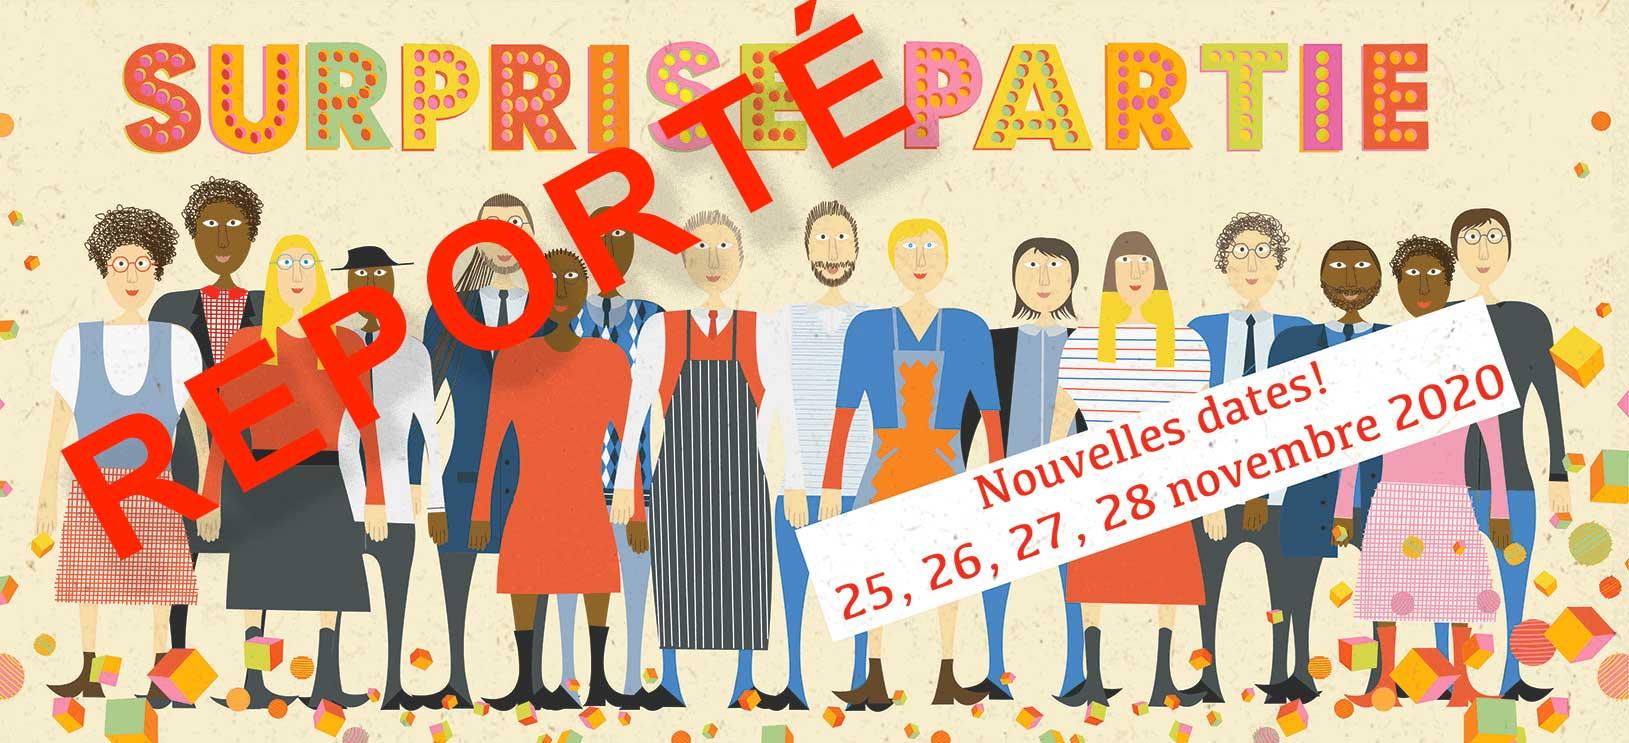 « Surprise Partie » Nouvelles dates :  25, 26, 27, 28 novembre 2020